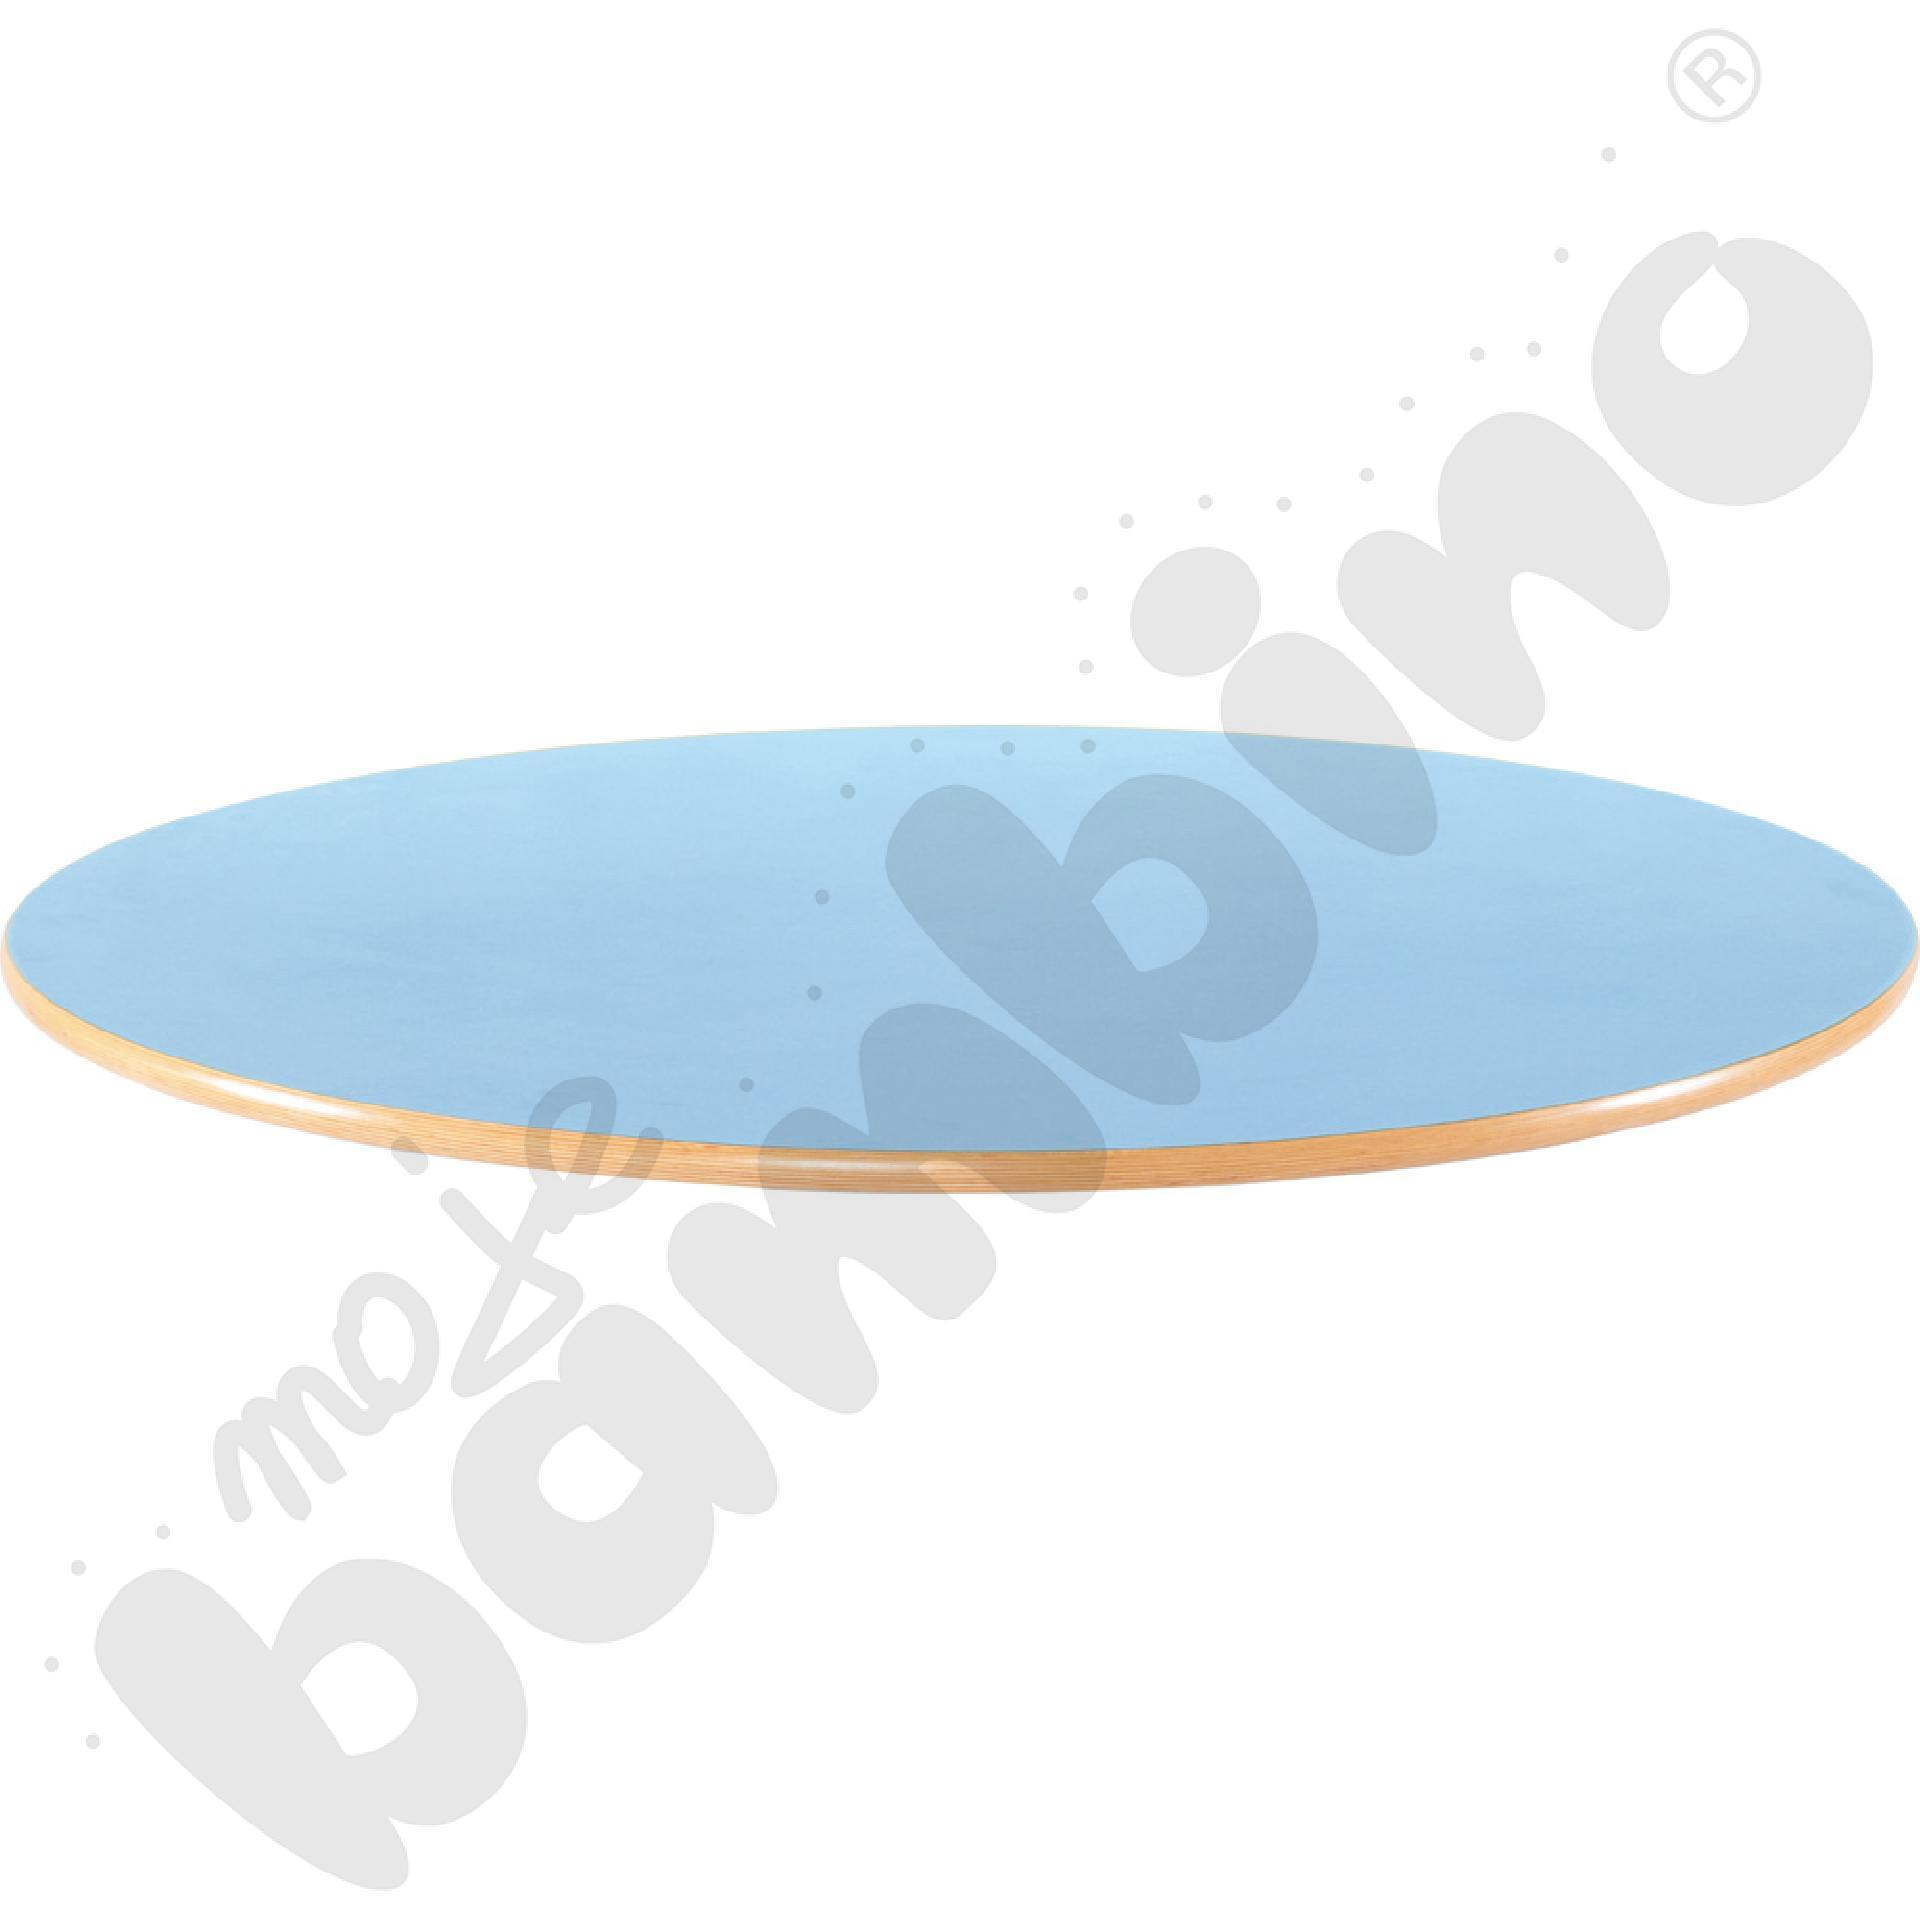 Blat Flexi okrągły- niebieski